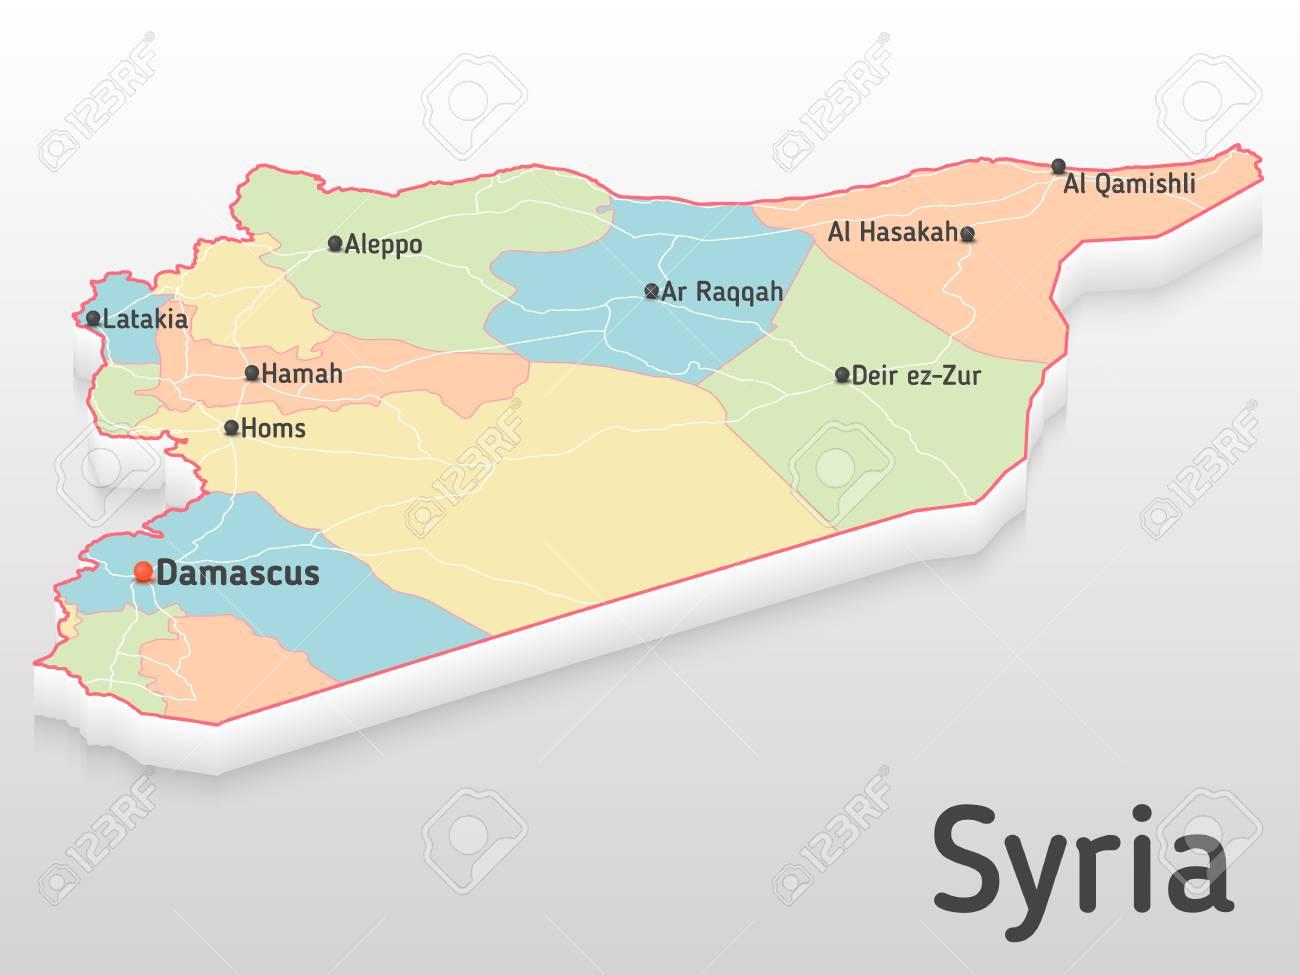 Siria Mapa 3d Con Las Principales Ciudades Y Gobernaciones Mapa